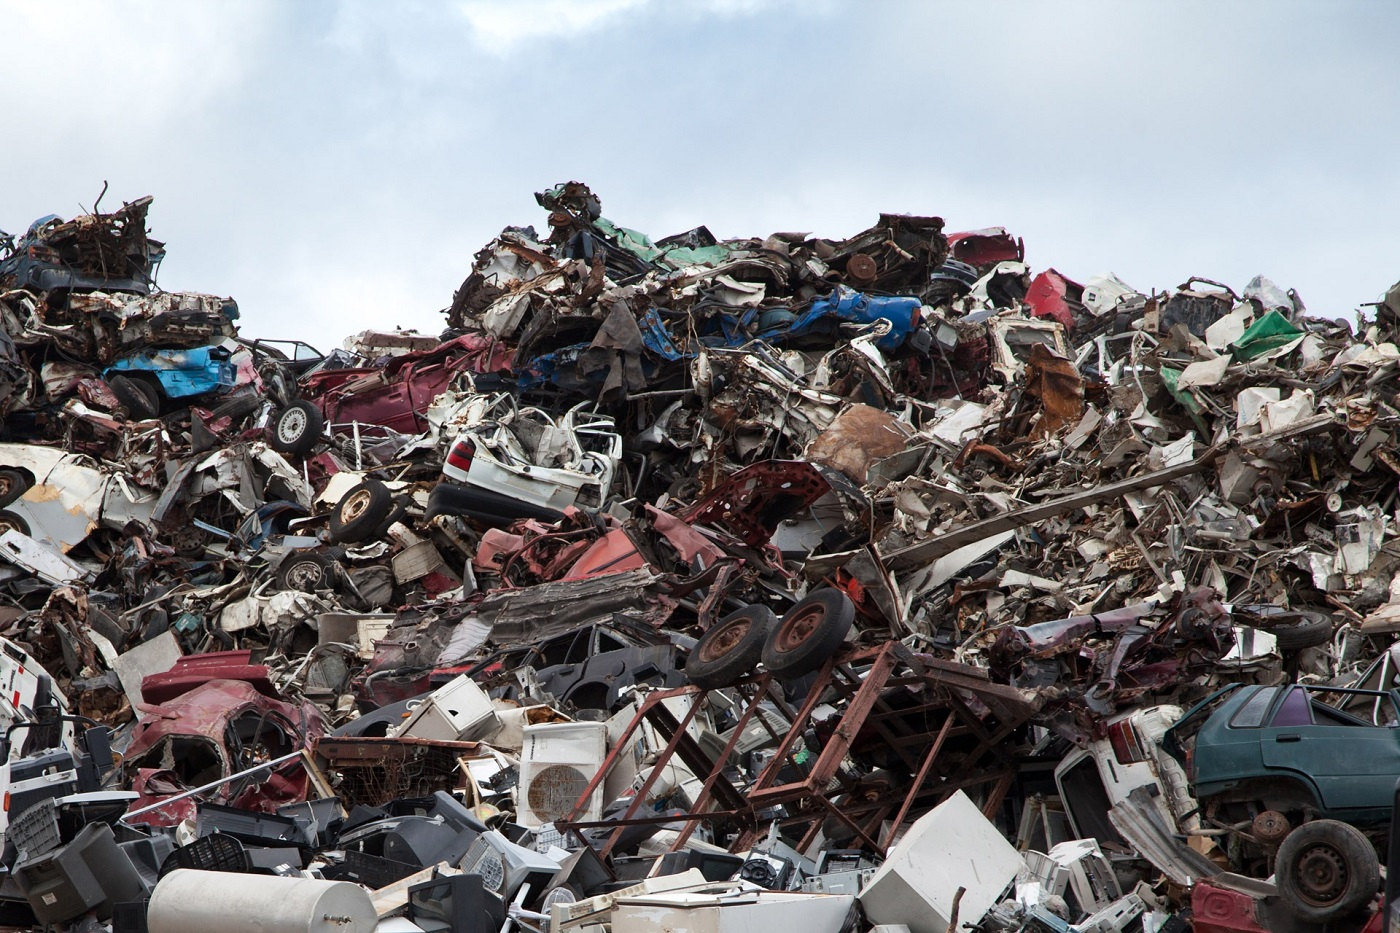 Министерство промышленности и торговли оценило долю планирующегося к повышению утилизационного сбора в цене автомобиля